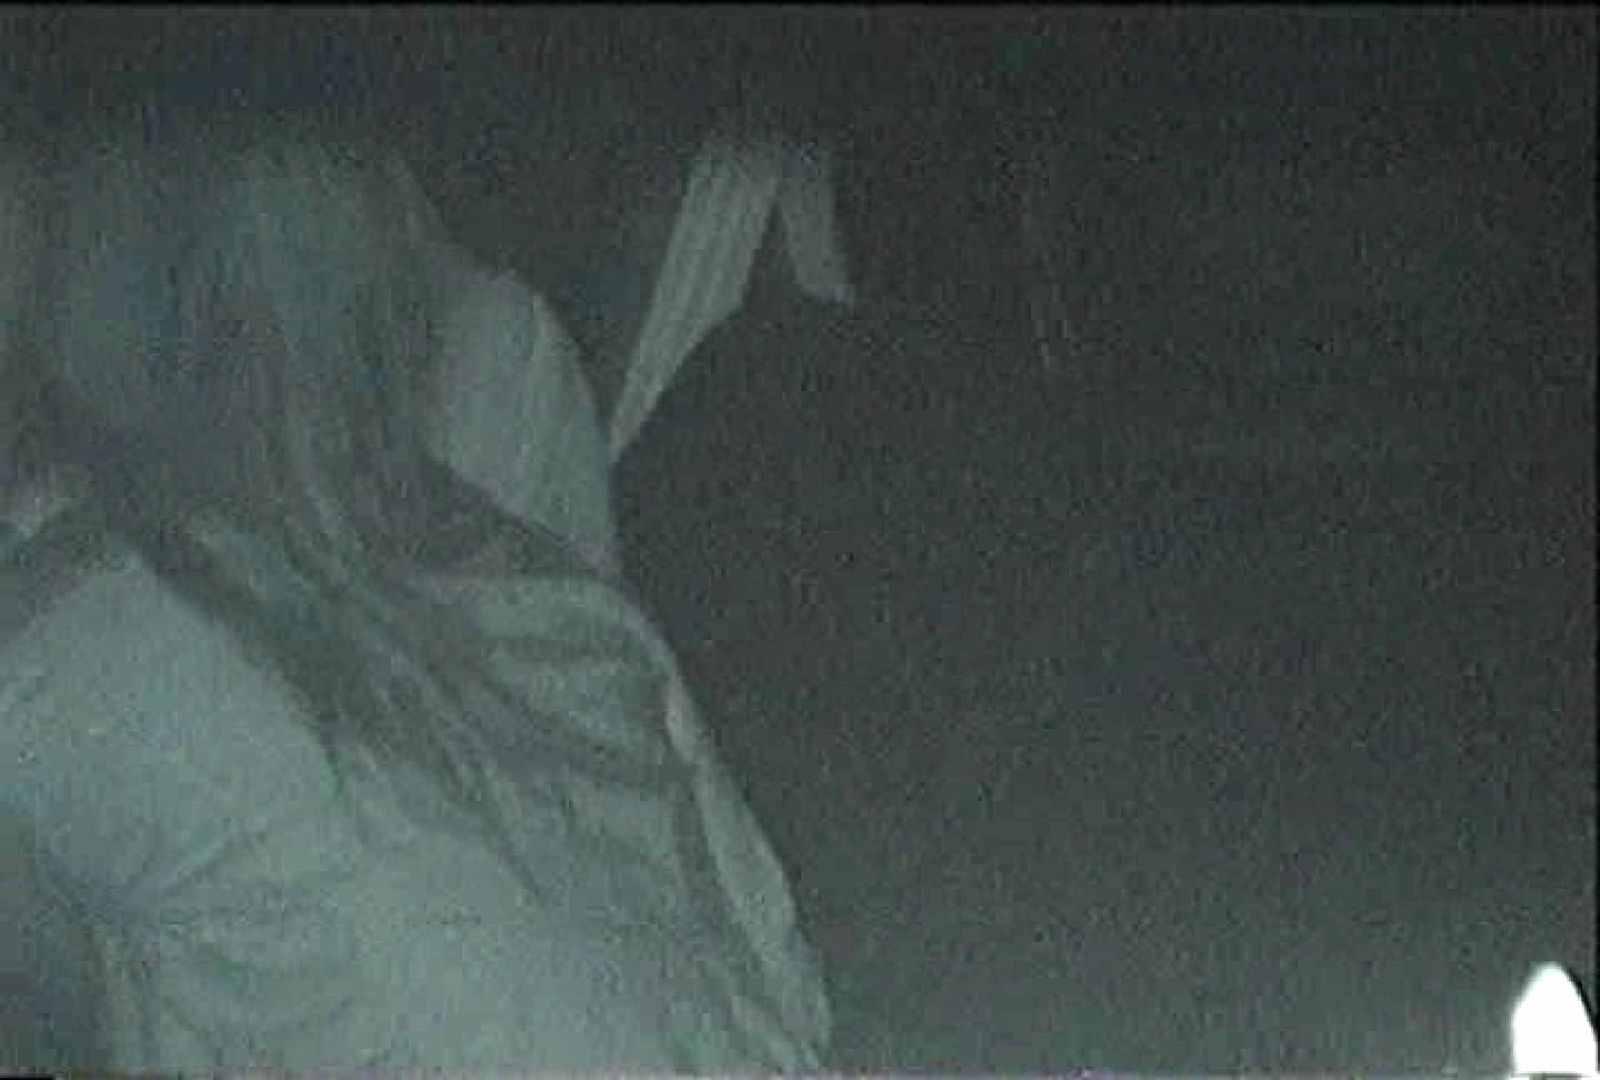 充血監督の深夜の運動会Vol.80 エロティックなOL おめこ無修正画像 85画像 53